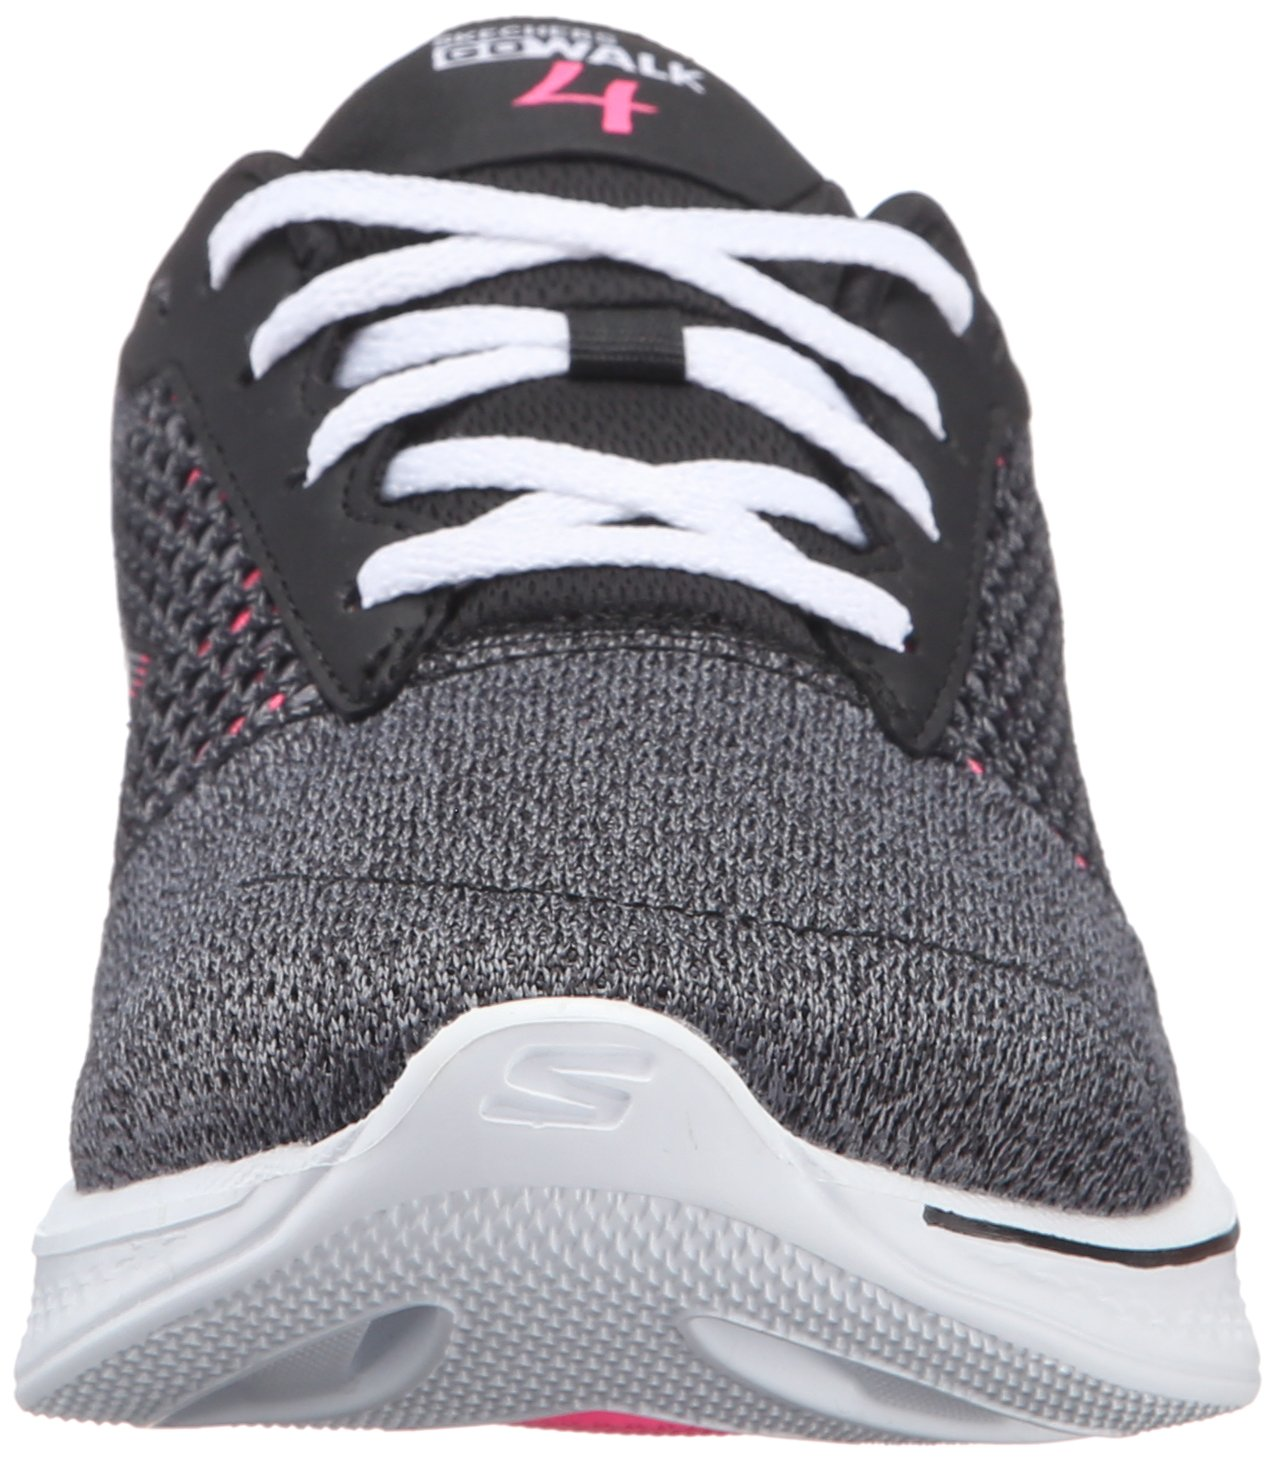 ... Skechers Performance Women s Go Walk B01AH08GPS 4 Exceed Lace-up  Sneaker B01AH08GPS Walk 6 B ... c581d563a